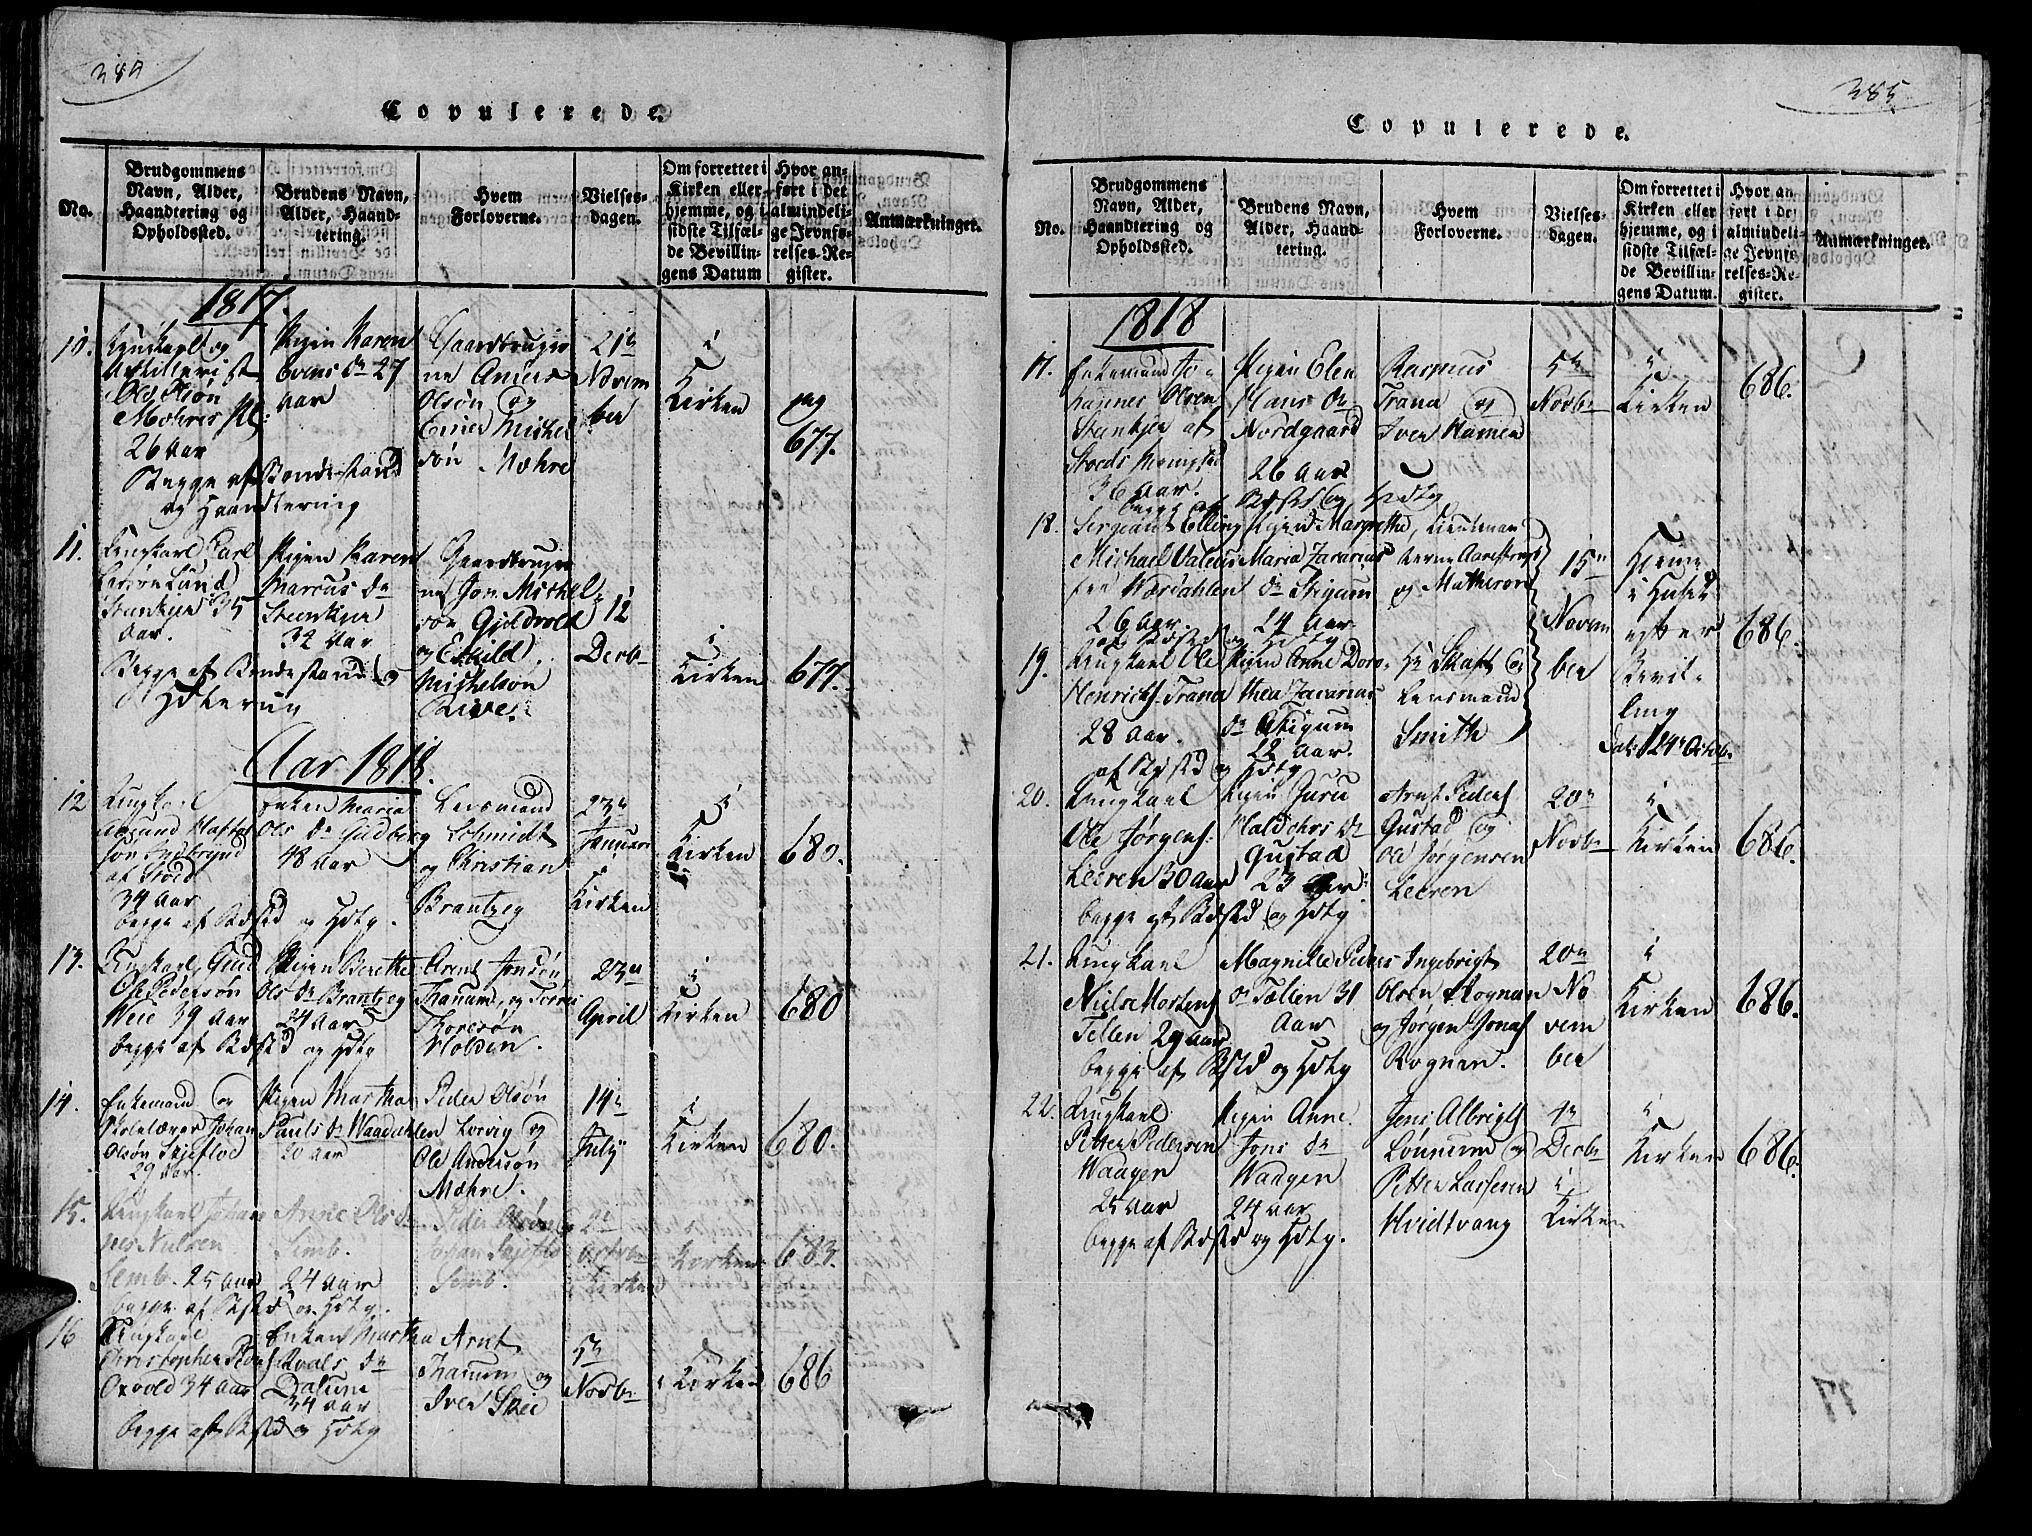 SAT, Ministerialprotokoller, klokkerbøker og fødselsregistre - Nord-Trøndelag, 735/L0333: Ministerialbok nr. 735A04 /1, 1816-1824, s. 384-385